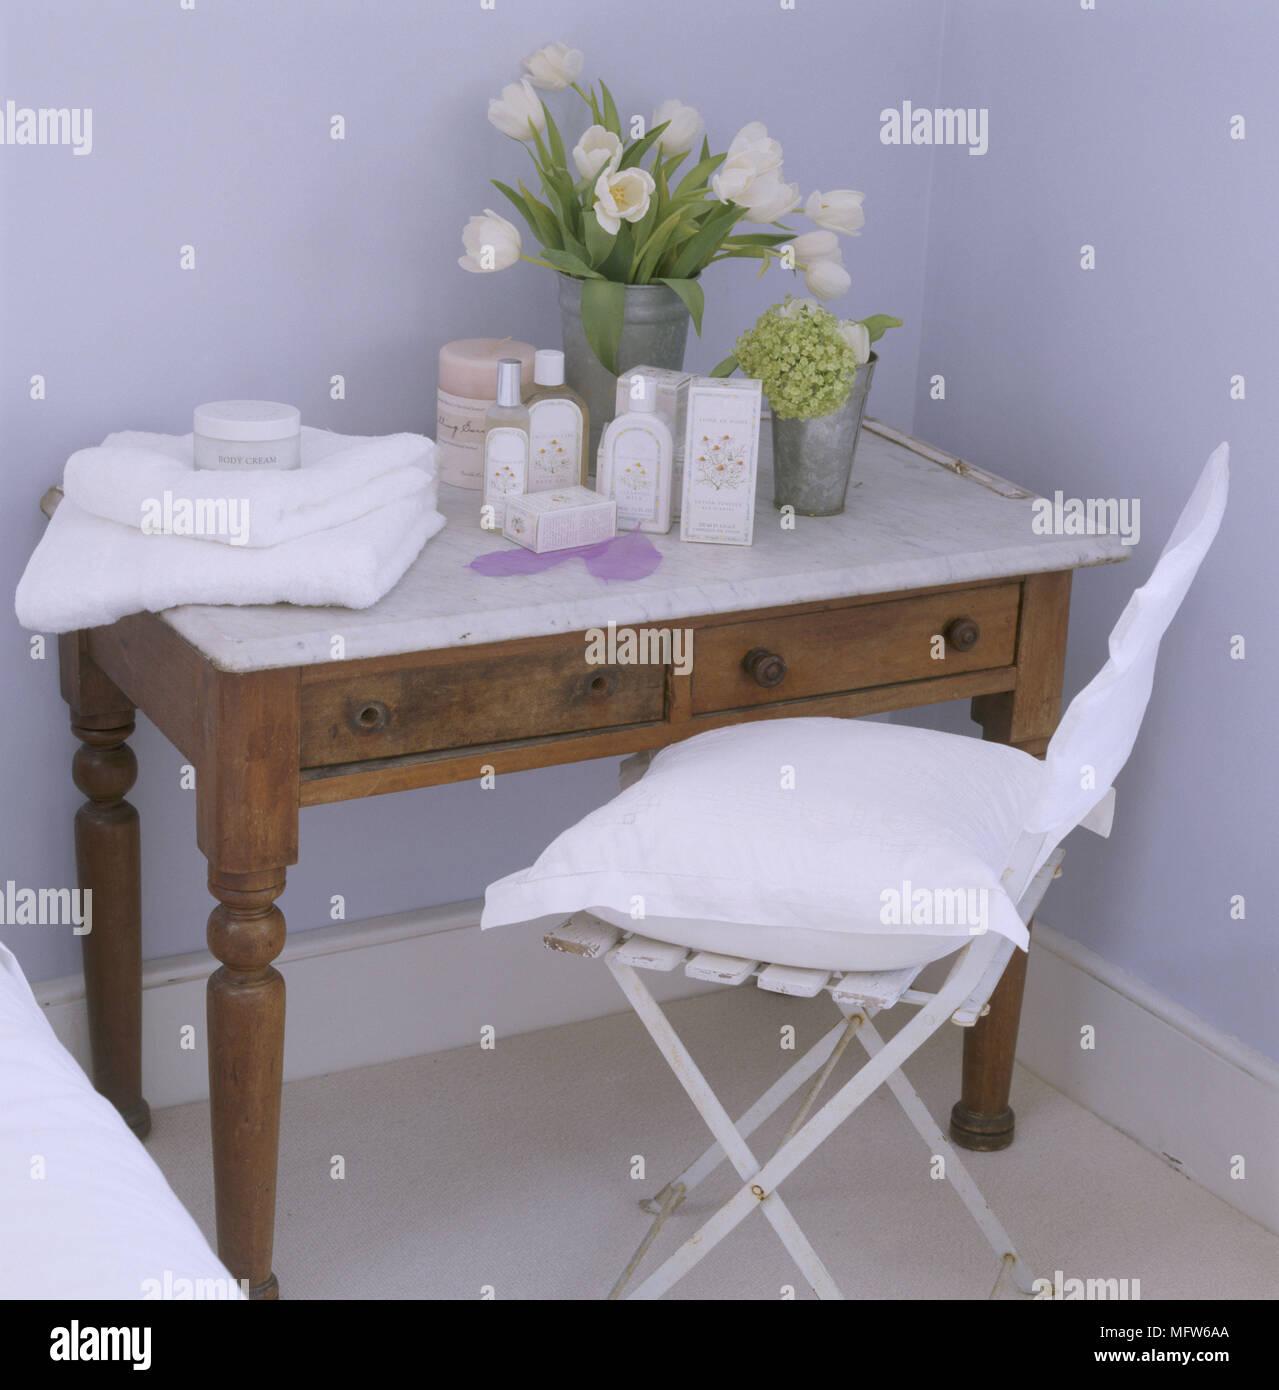 Un dettaglio di un paese che mostra la camera da letto in legno ...